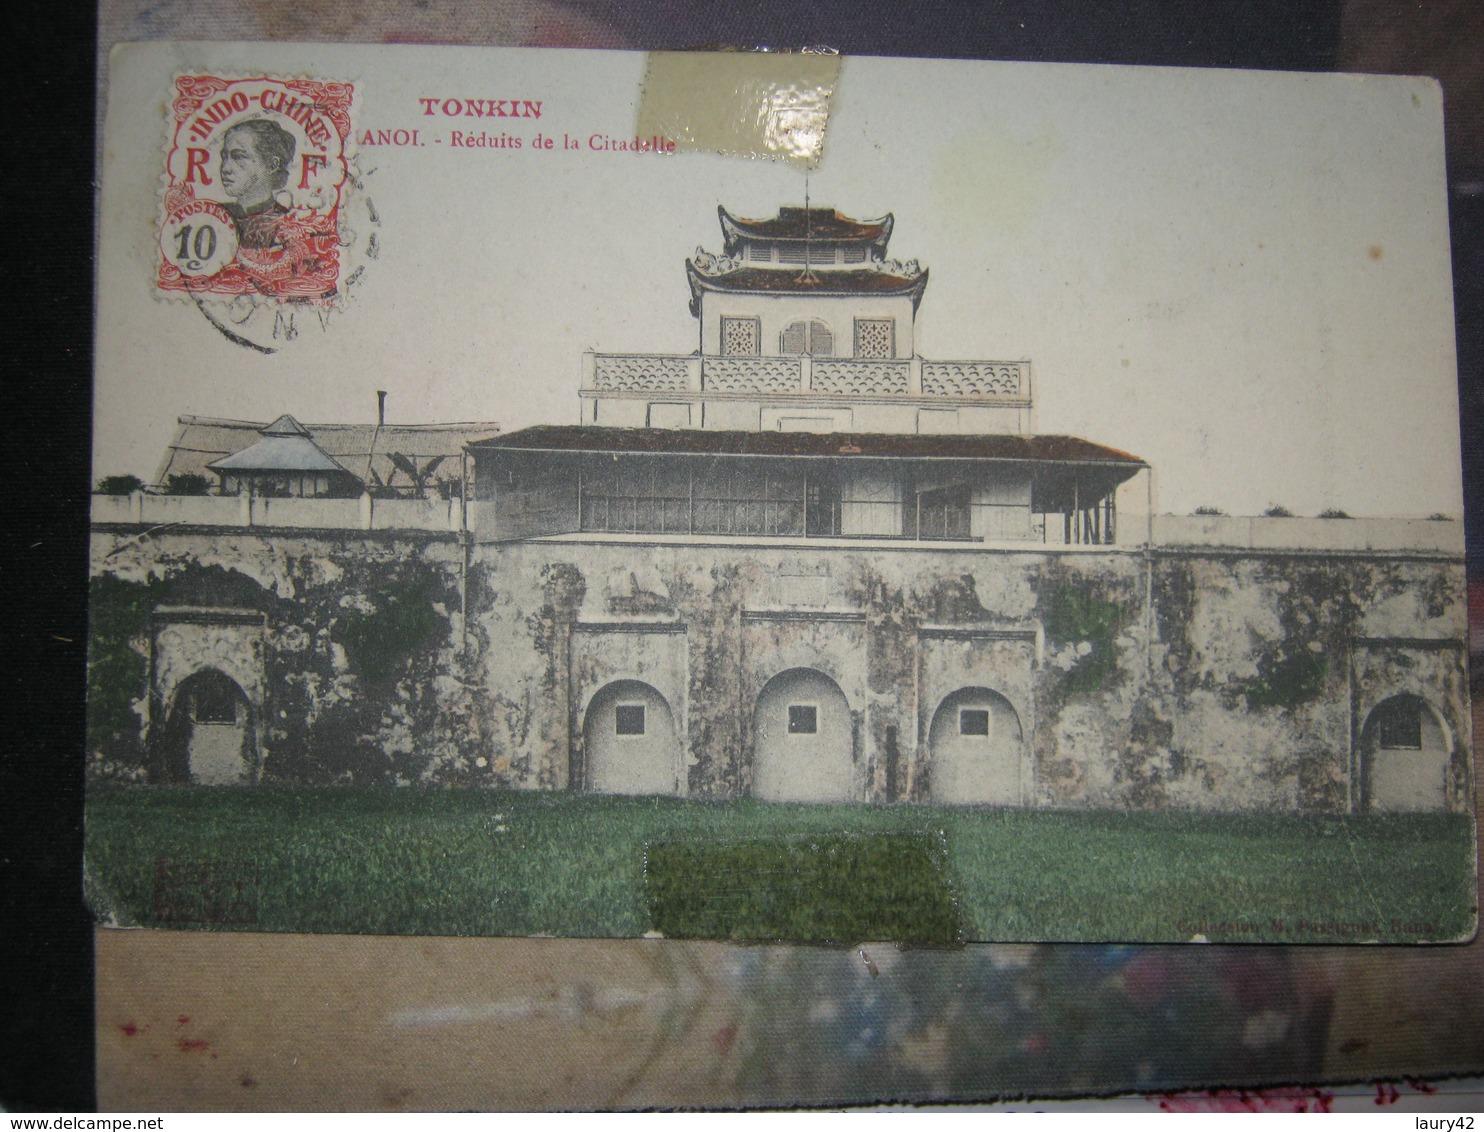 Tonkin Reduits De La Citadelle - Postcards